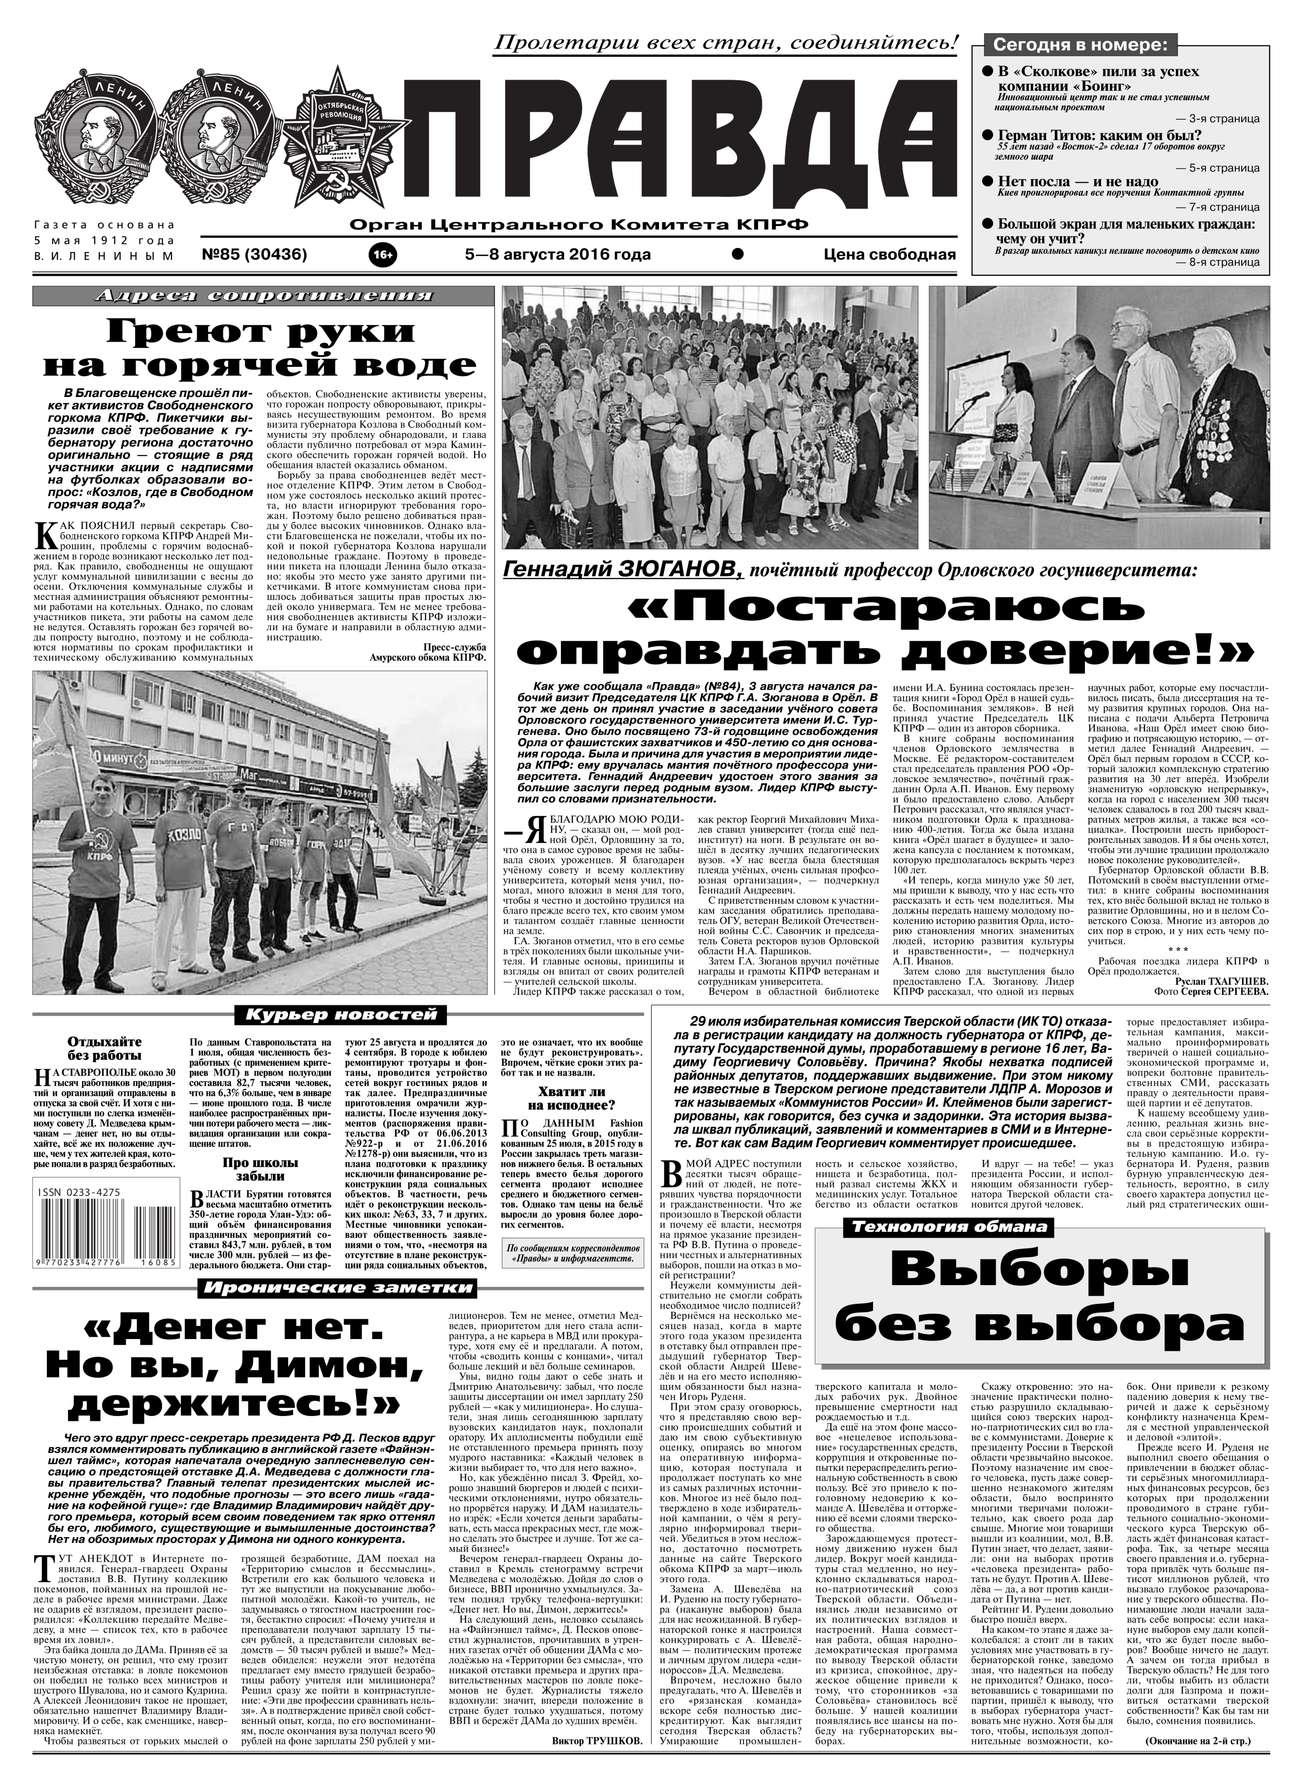 Редакция газеты Правда Правда 85-2016 редакция газеты правда правда 85 2016